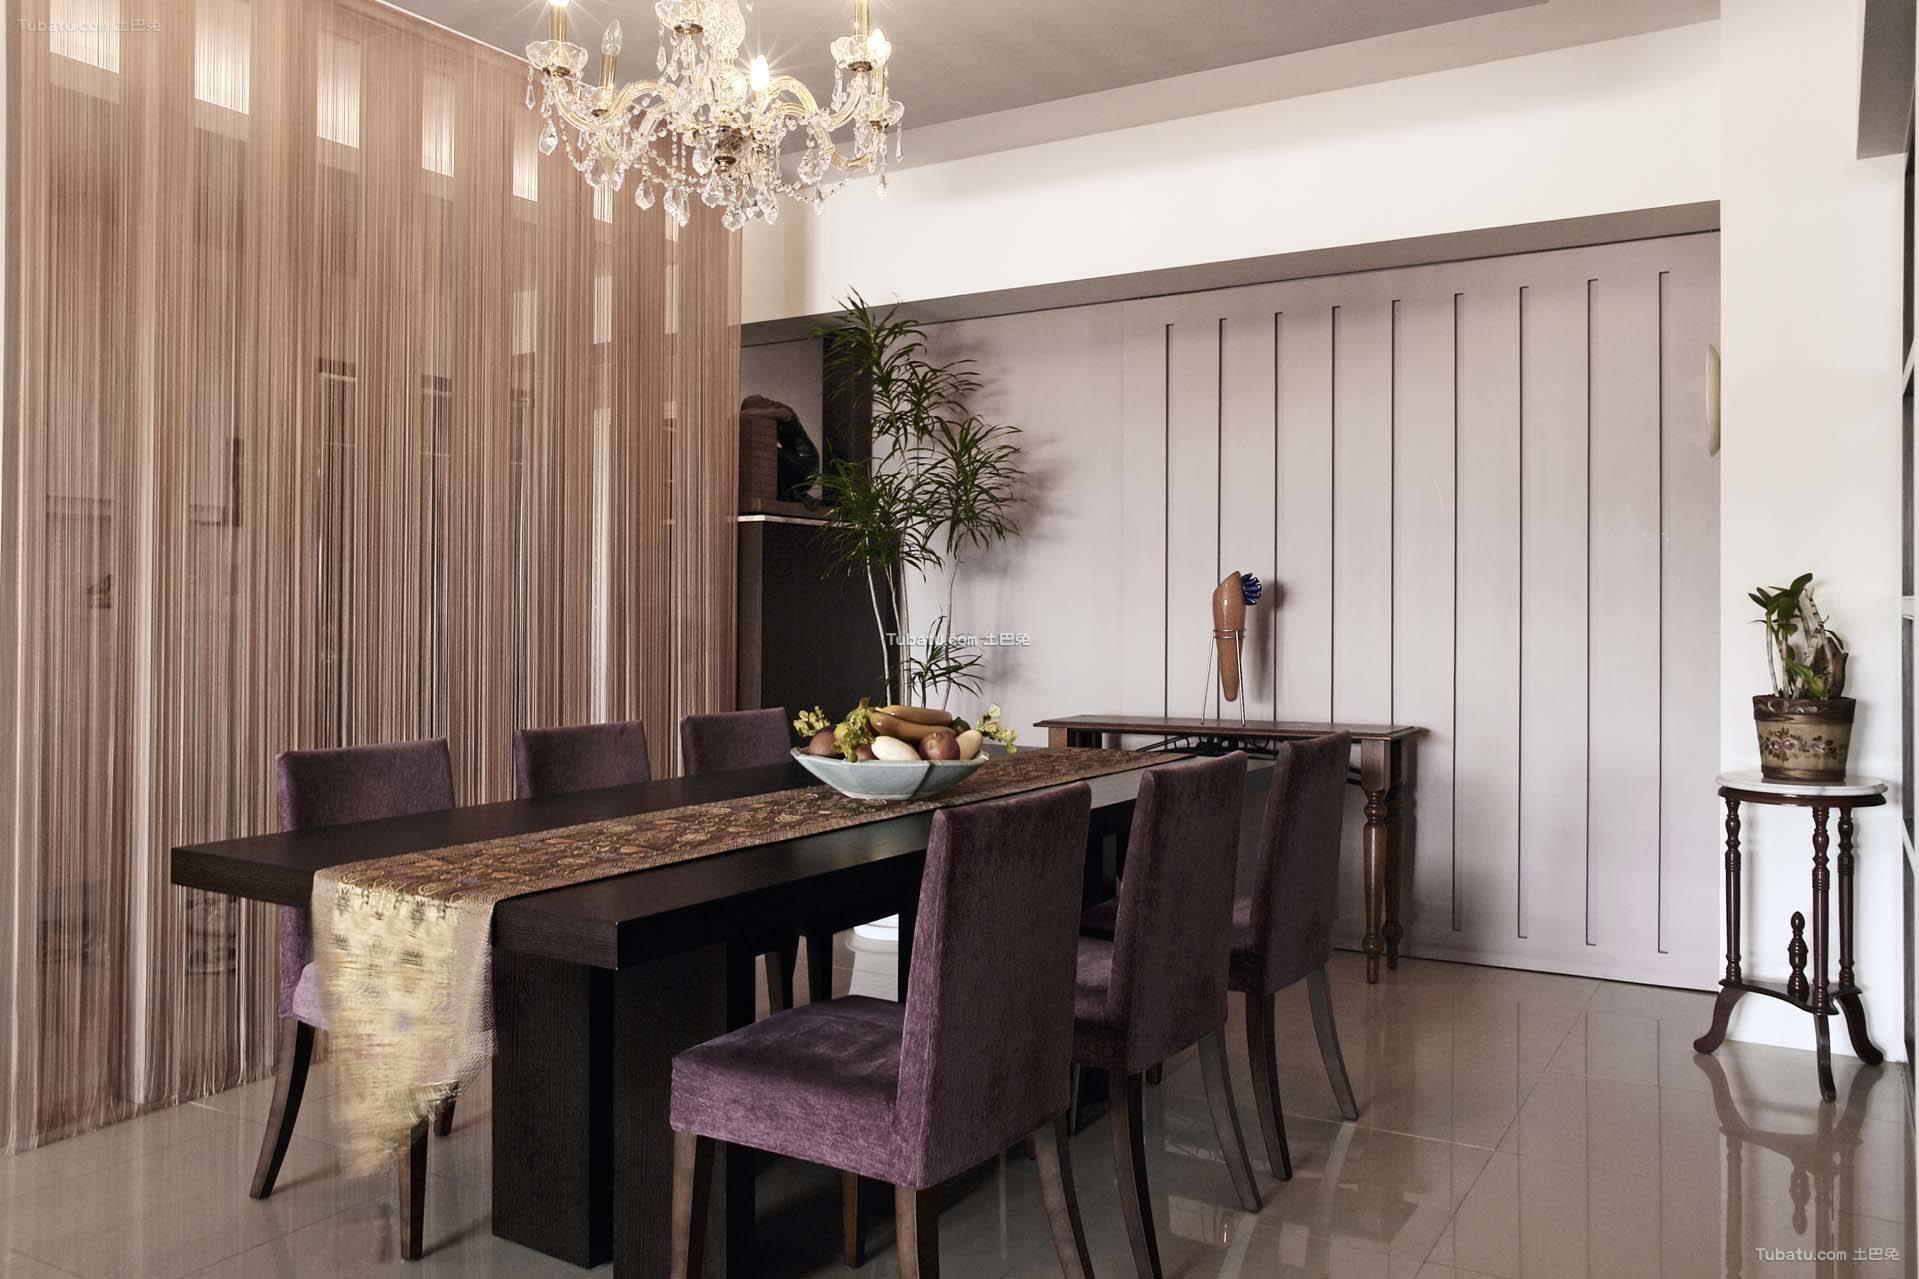 简约现代家装风格餐厅设计